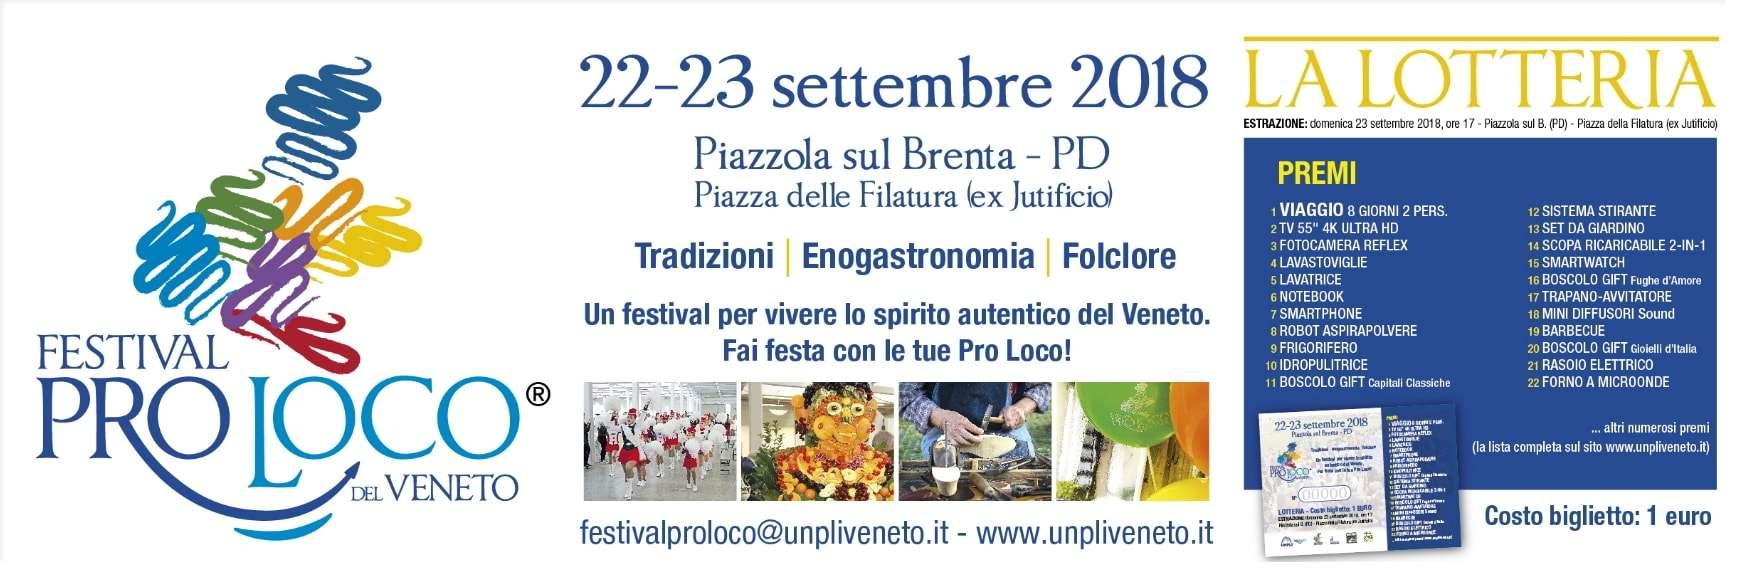 Banner festival pro loco